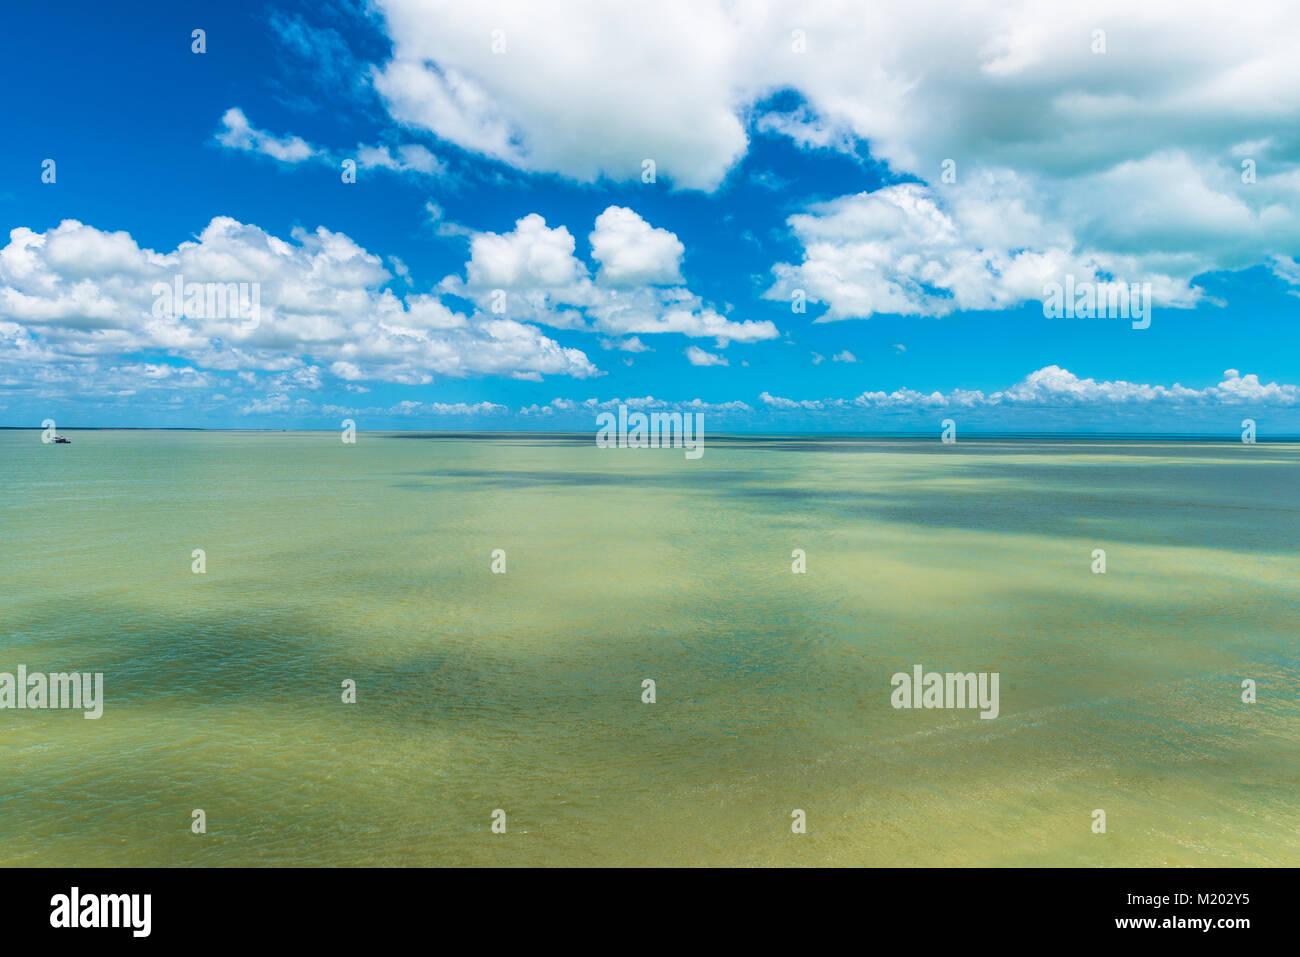 Piccola barca a sinistra dall'orizzonte fornisce la prospettiva contro il vasto mare e cielo Immagini Stock